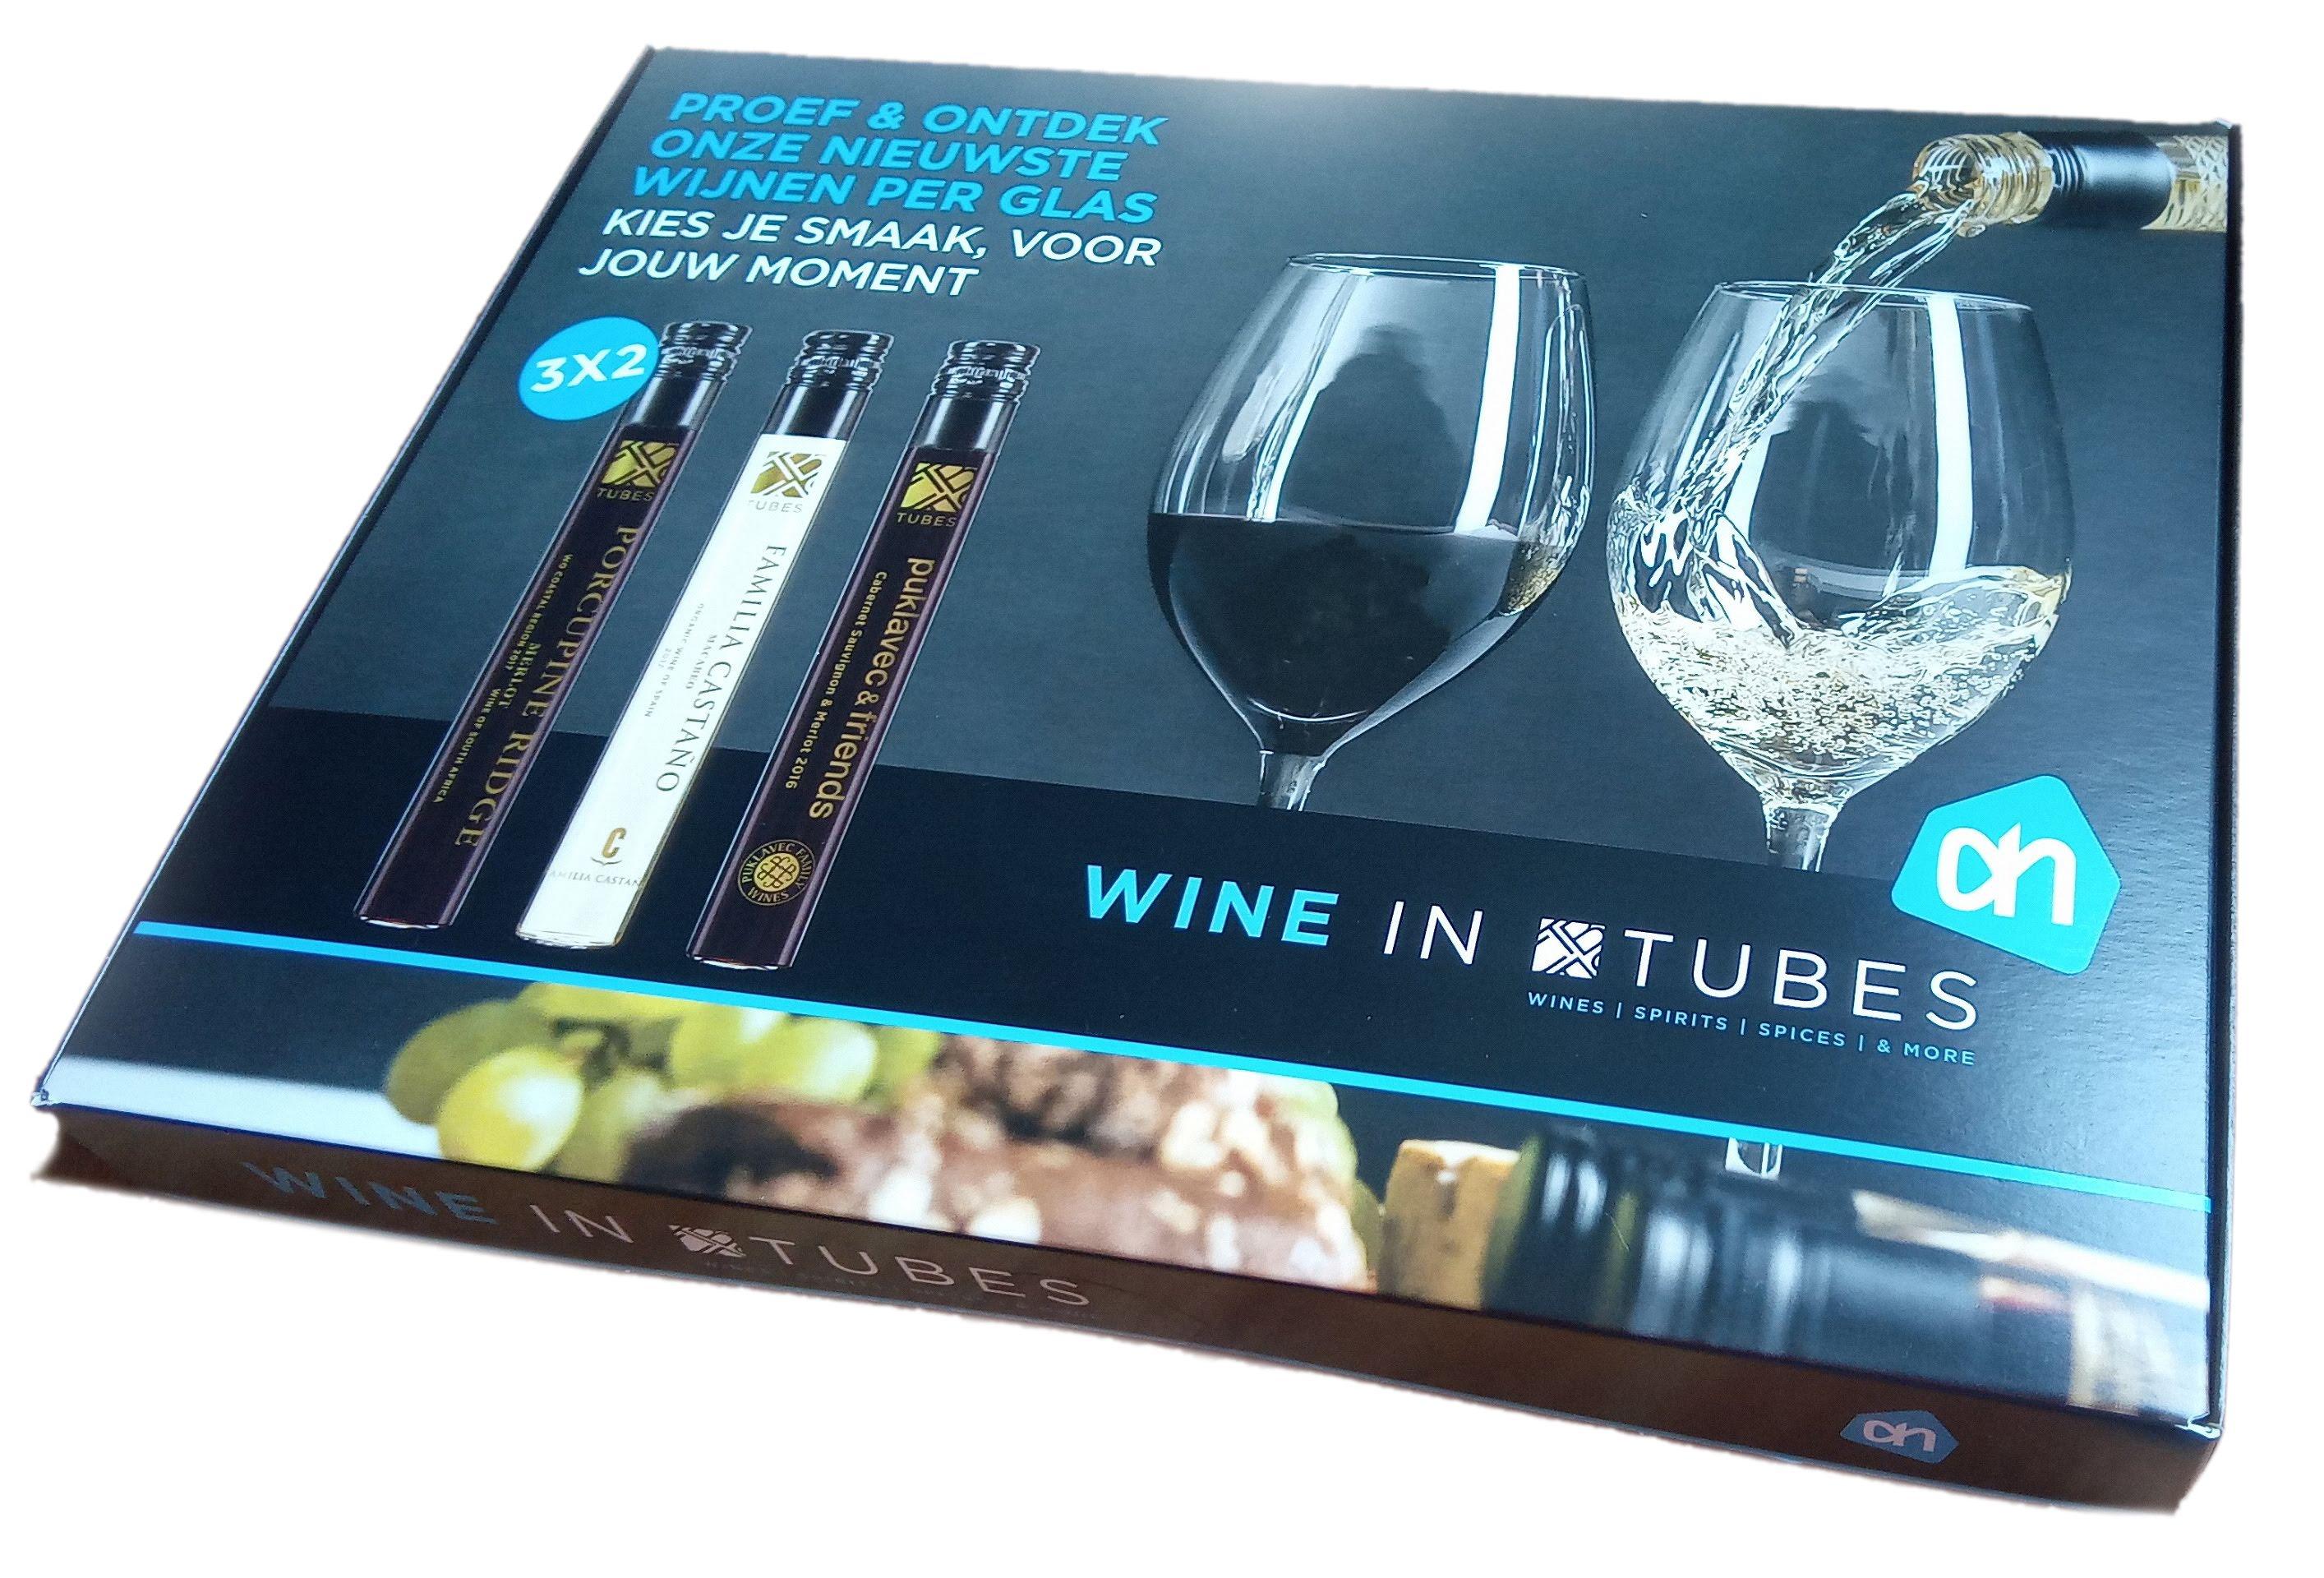 wine in tubes ah